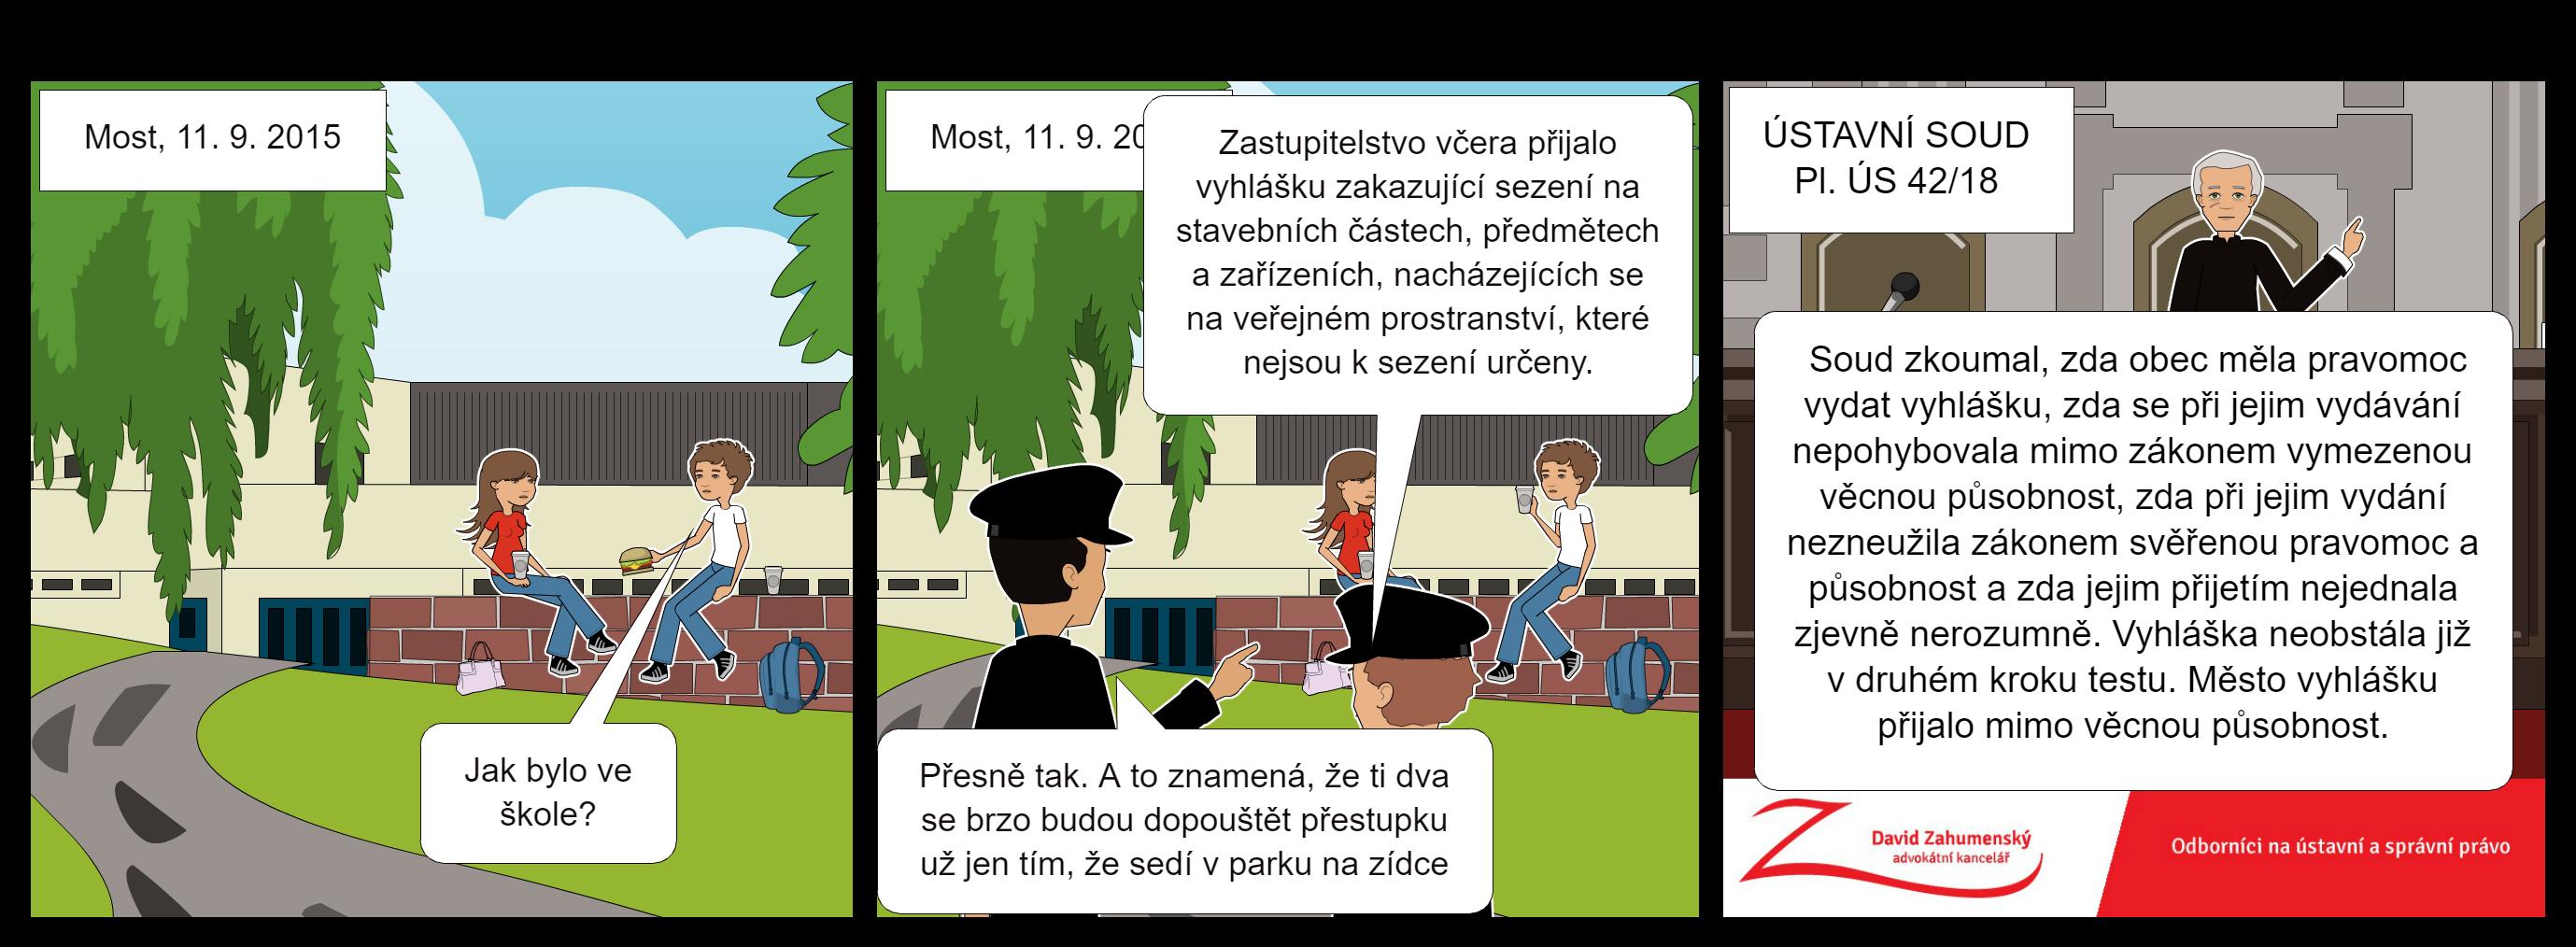 komiks k nálezu Ústavního soudu Pl. ÚS 42/18